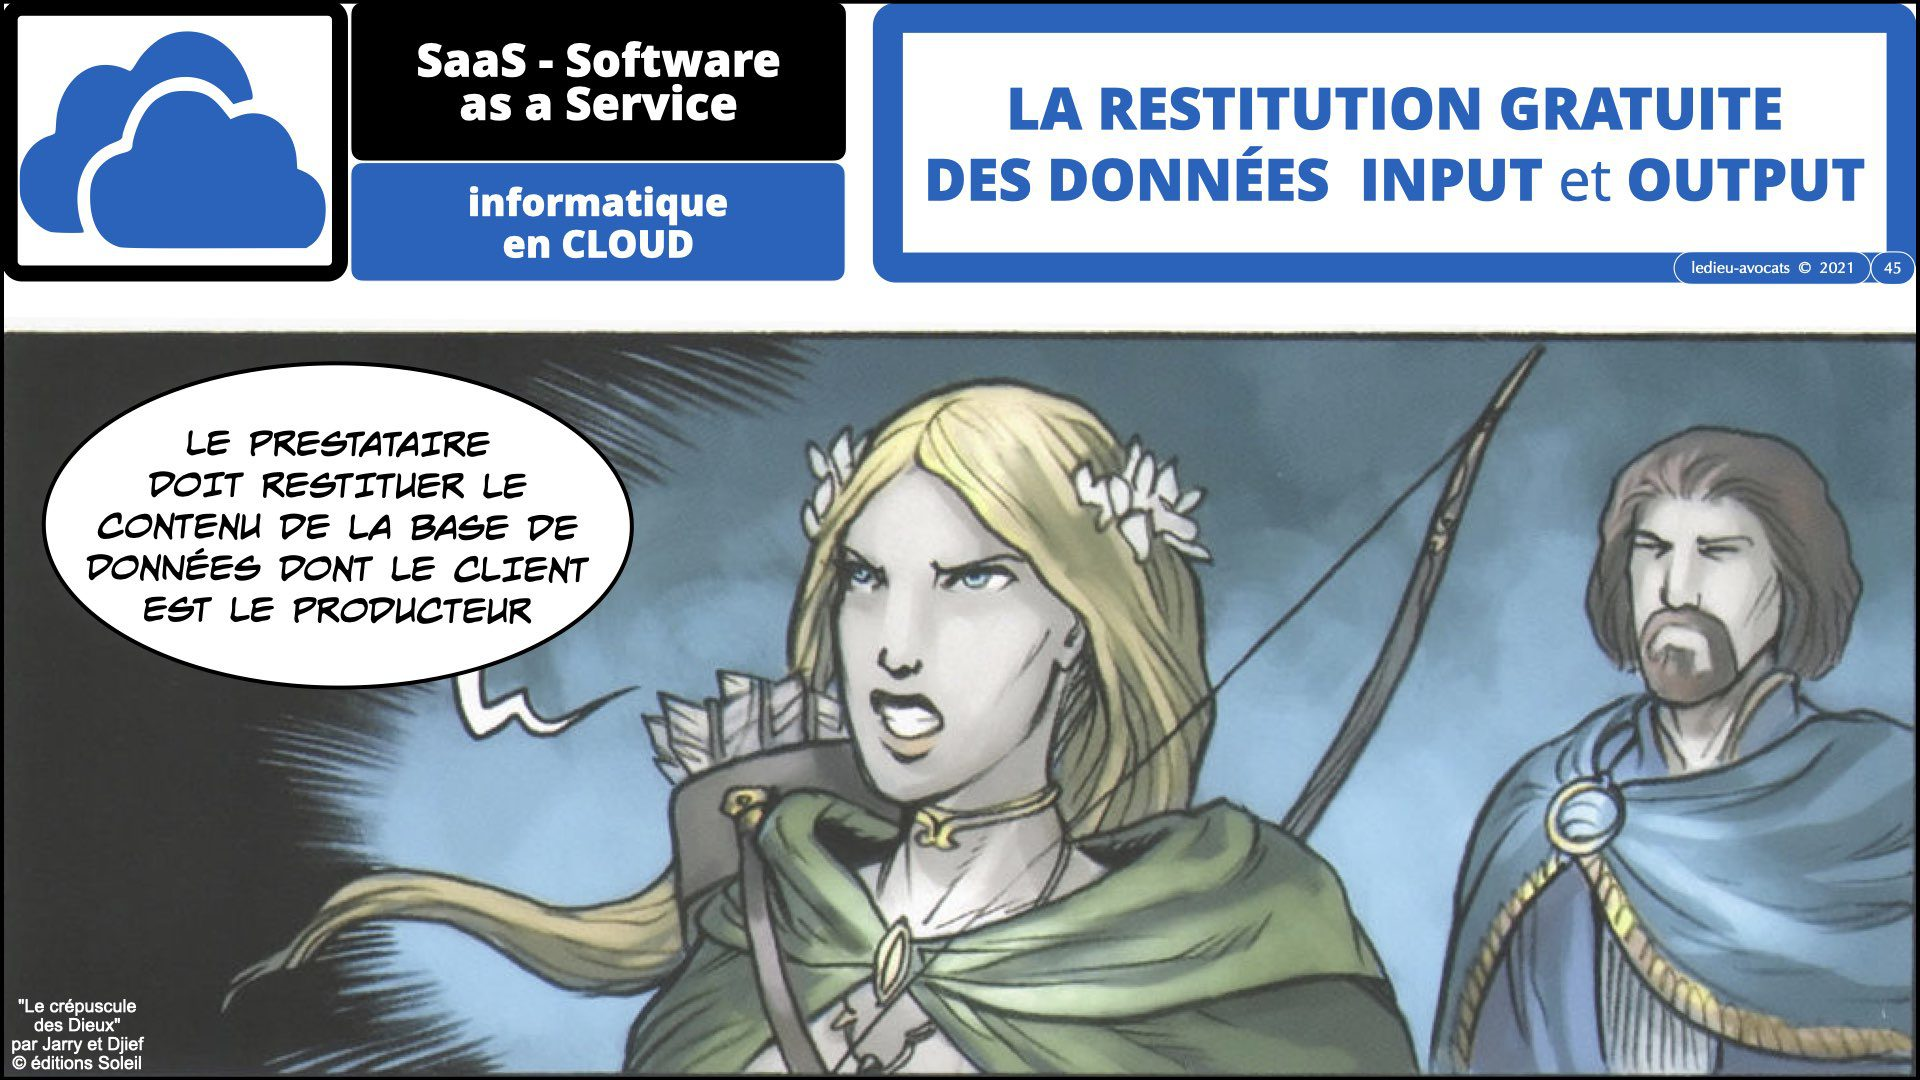 343 service LOGICIEL SaaS Software-as-a-Service cloud computing © Ledieu-Avocats technique droit numerique 30-08-2021.045